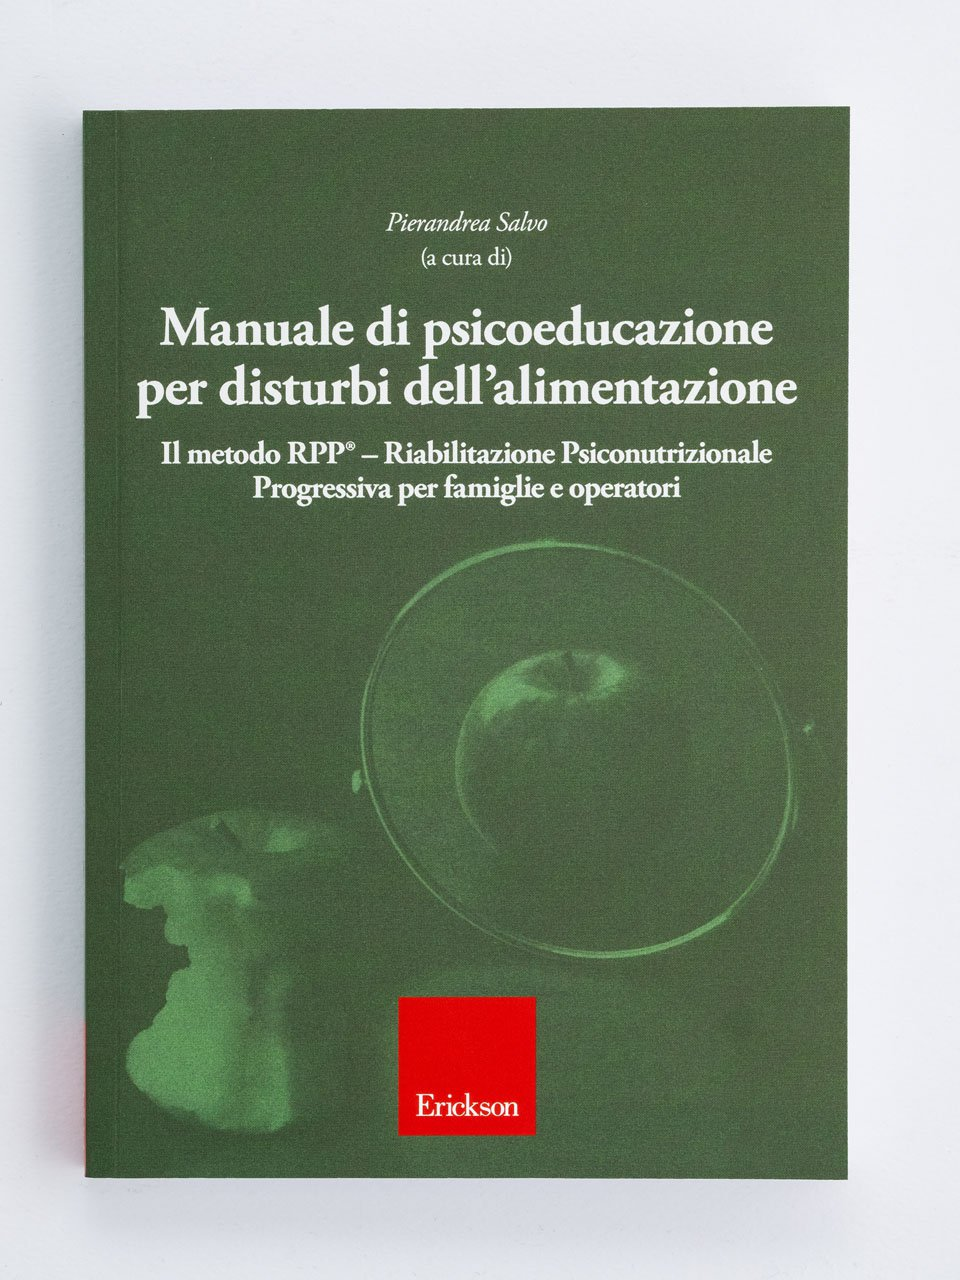 Manuale di psicoeducazione per disturbi dell'alimentazione - La terapia cognitivo-comportamentale multistep per - Libri - Erickson